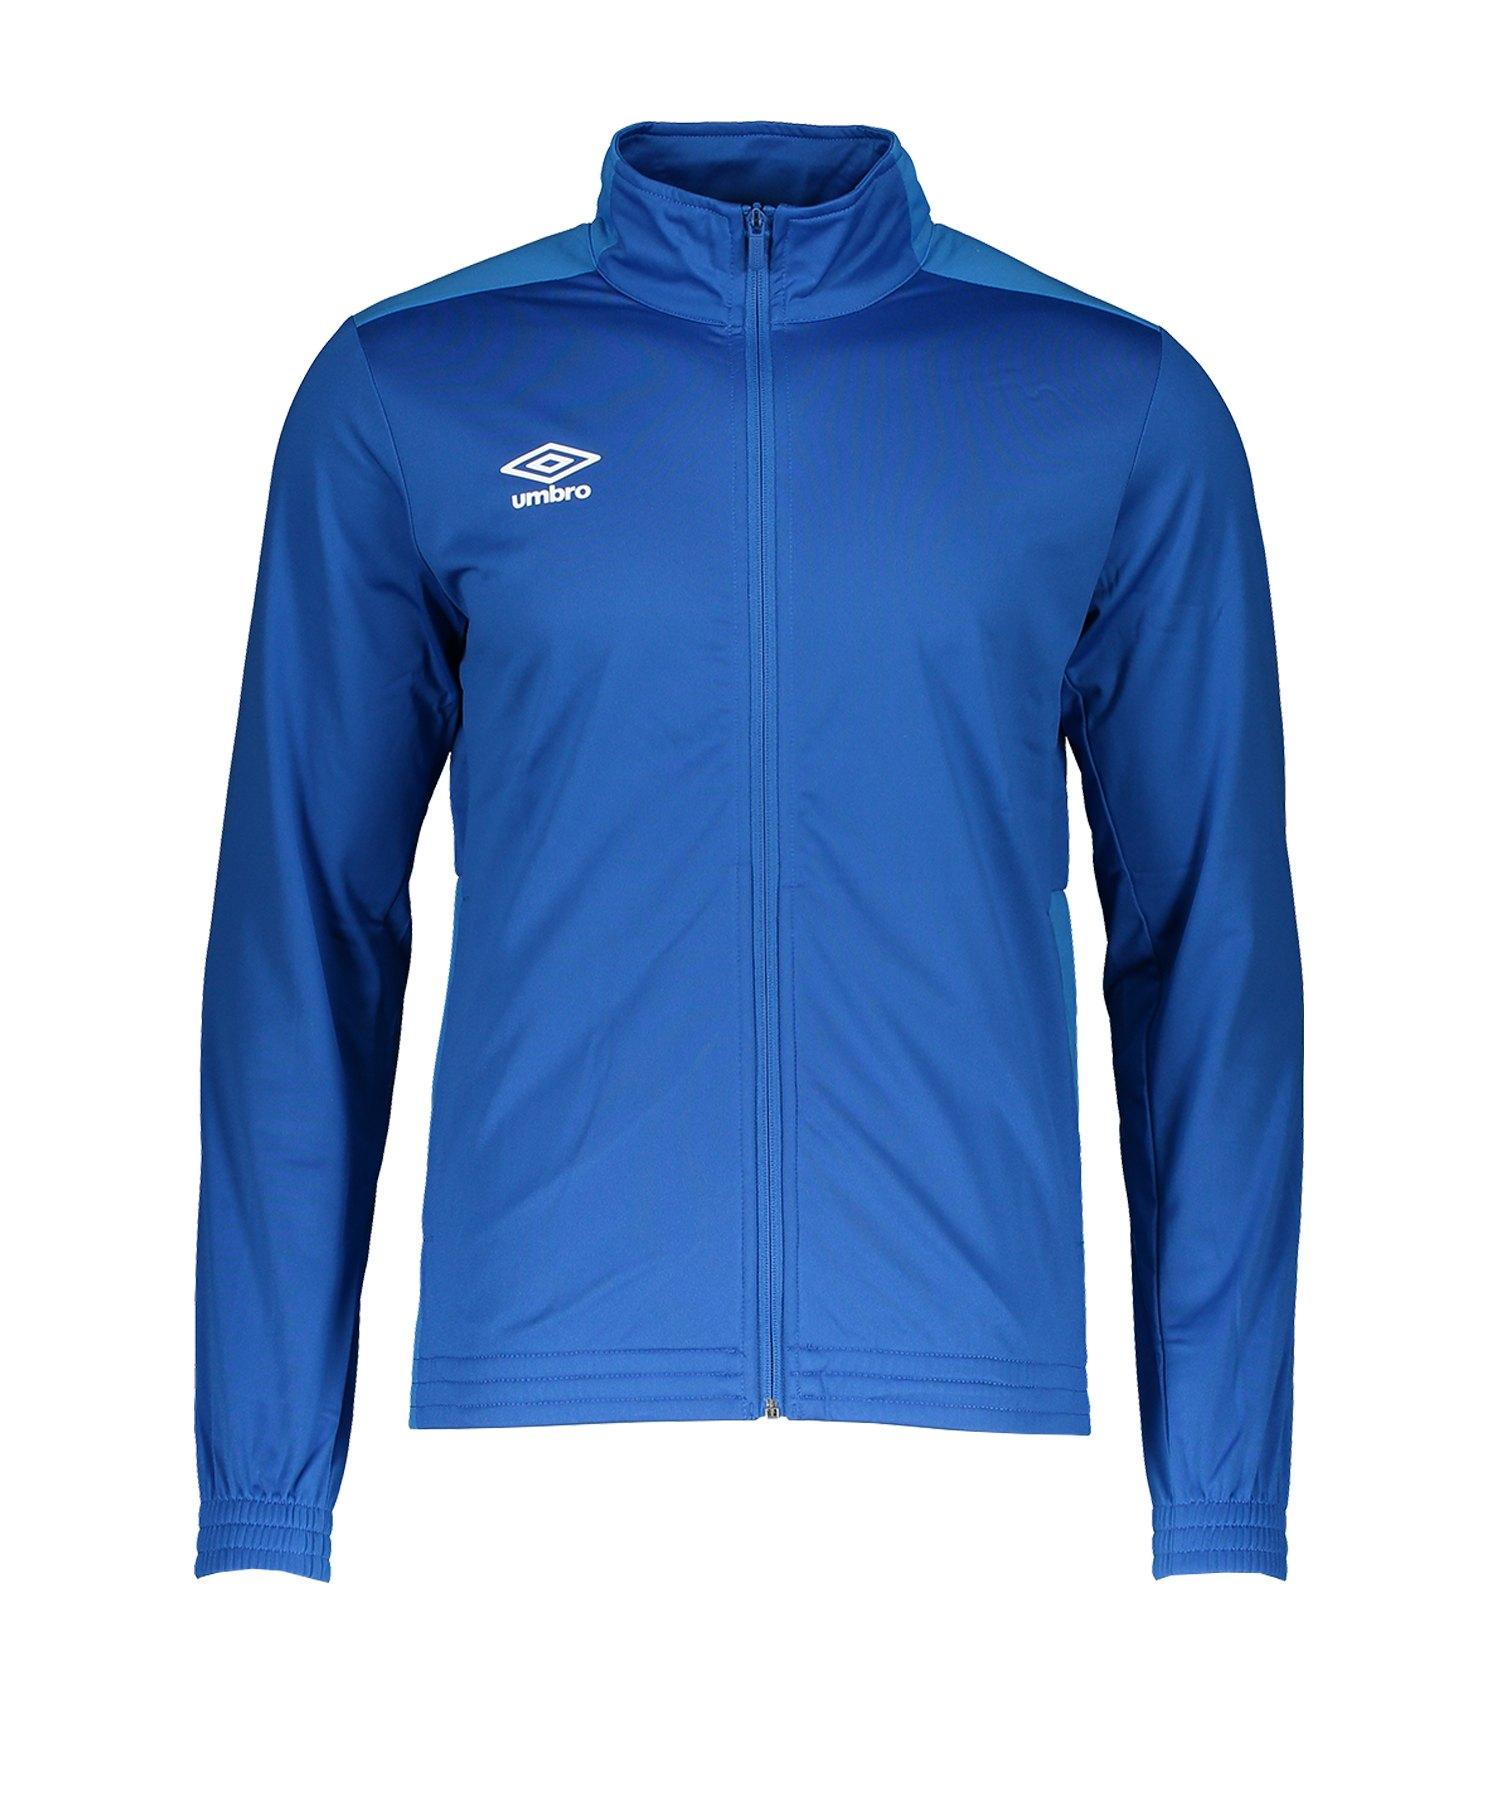 Umbro Knitted Jacke Blau FEVC - Blau